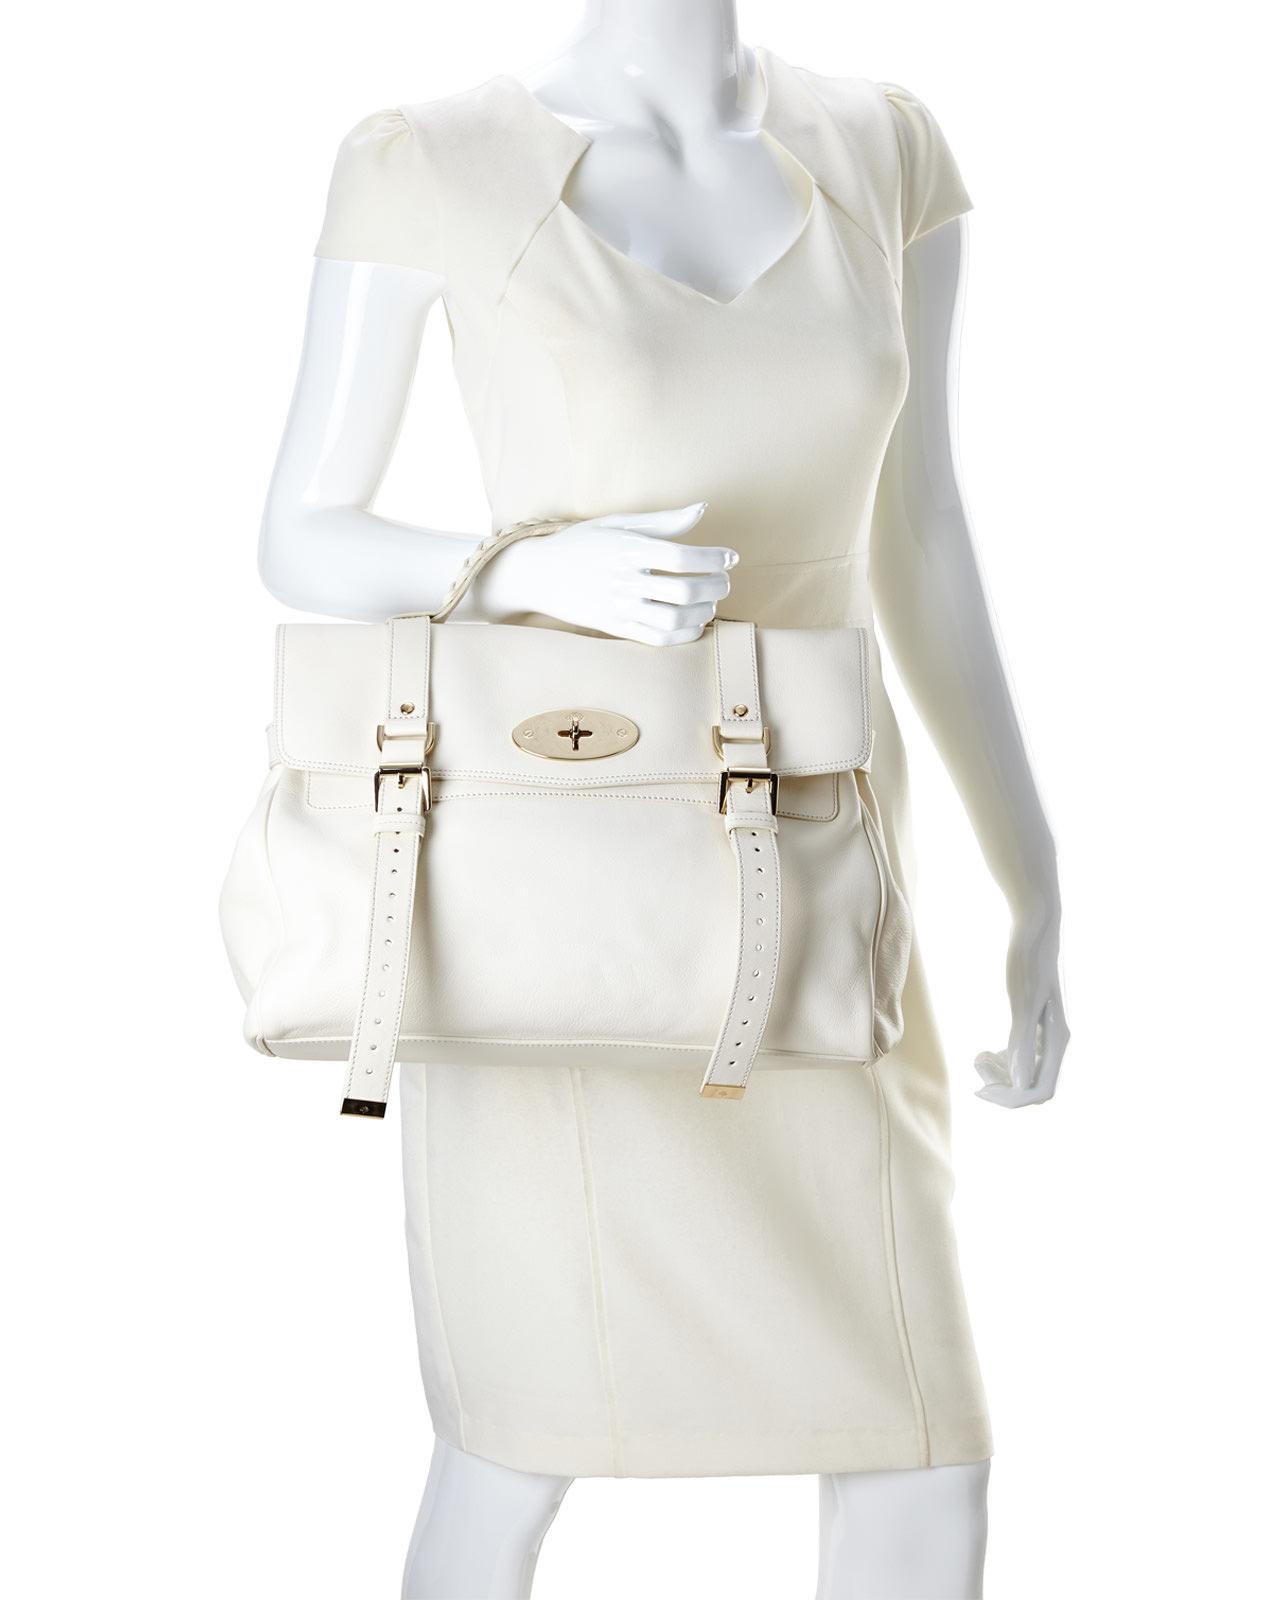 e5b022247f ... cheapest lyst mulberry cream oversized alexa handbag in white f42bf  de45e